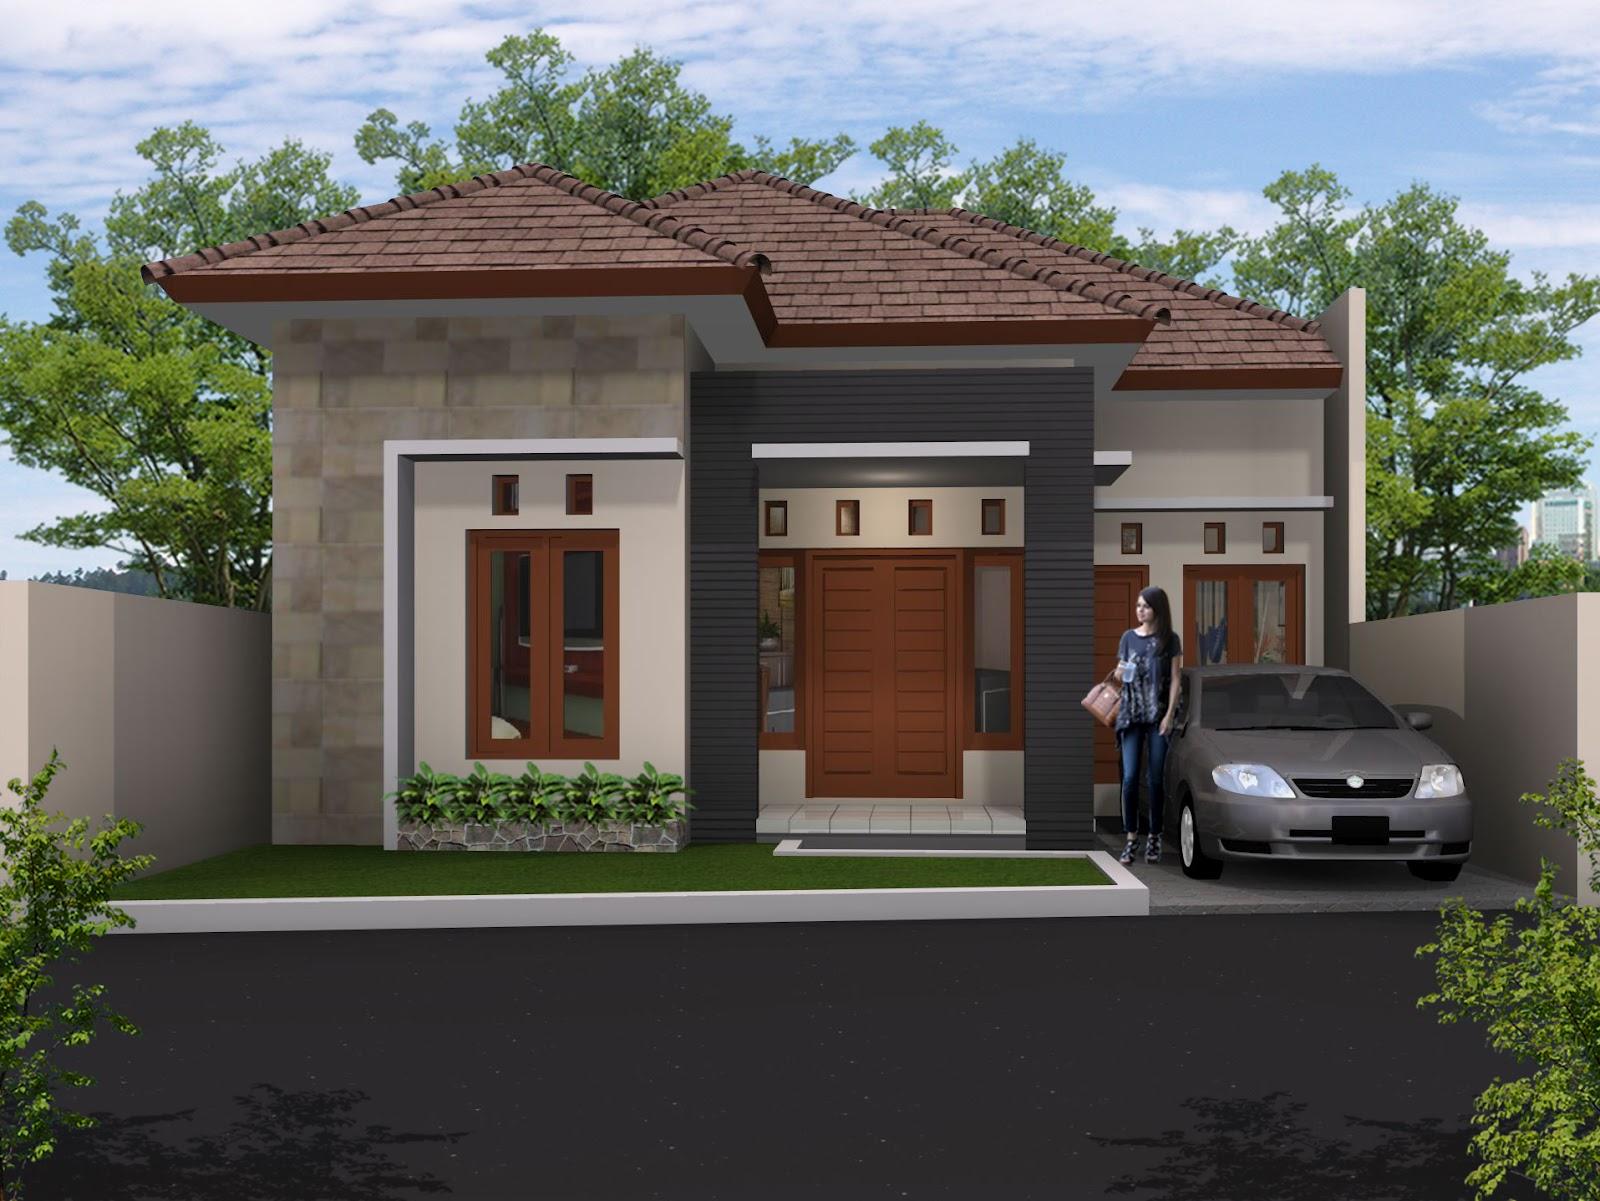 Rumah Minimalis Limasan Terbaru - Situs Properti Indonesia